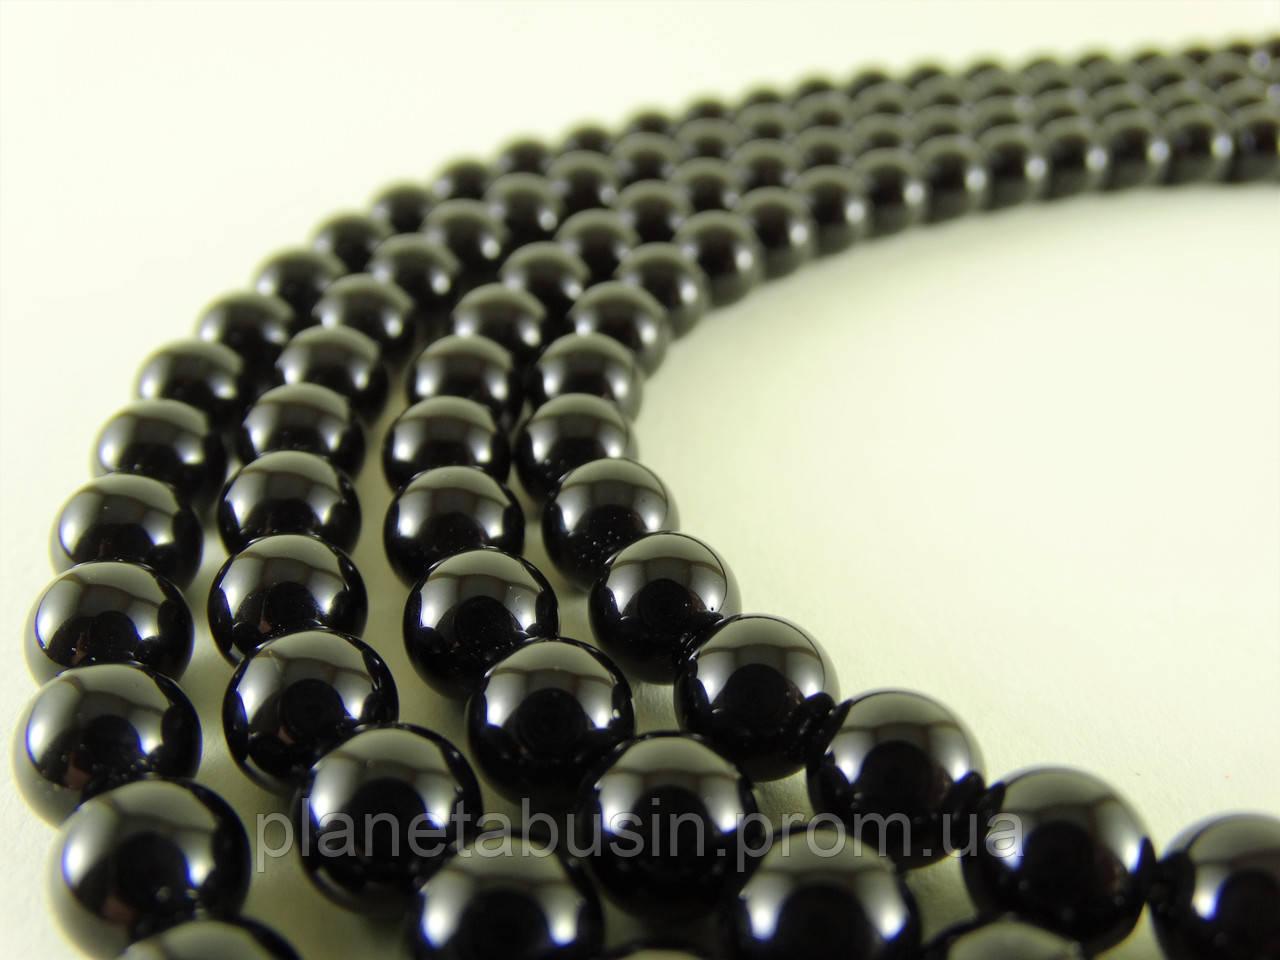 8 мм Чёрный Обсидиан, CN150, Натуральный камень, Форма: Шар, Отверстие: 1 мм, кол-во: 47-48 шт/нить